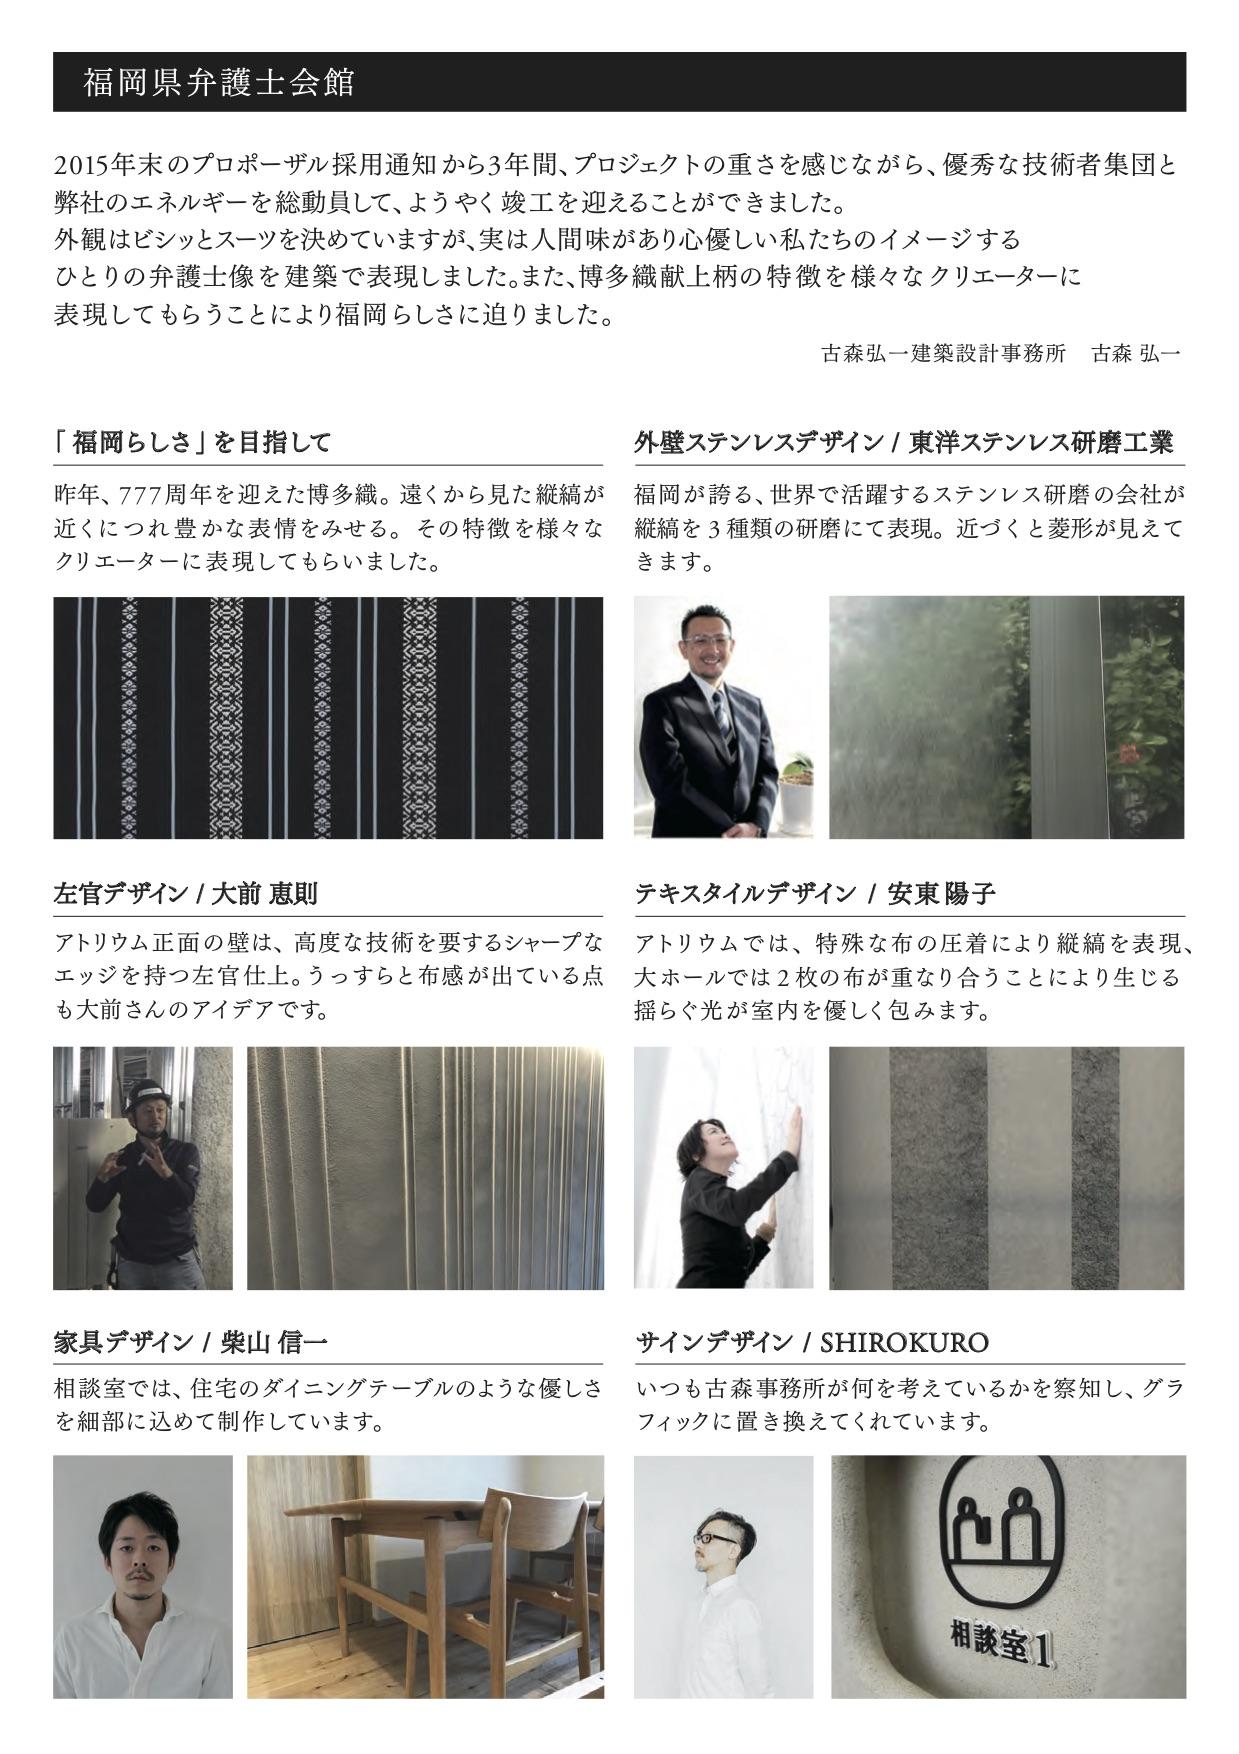 見学会資料A4(圧縮) 2